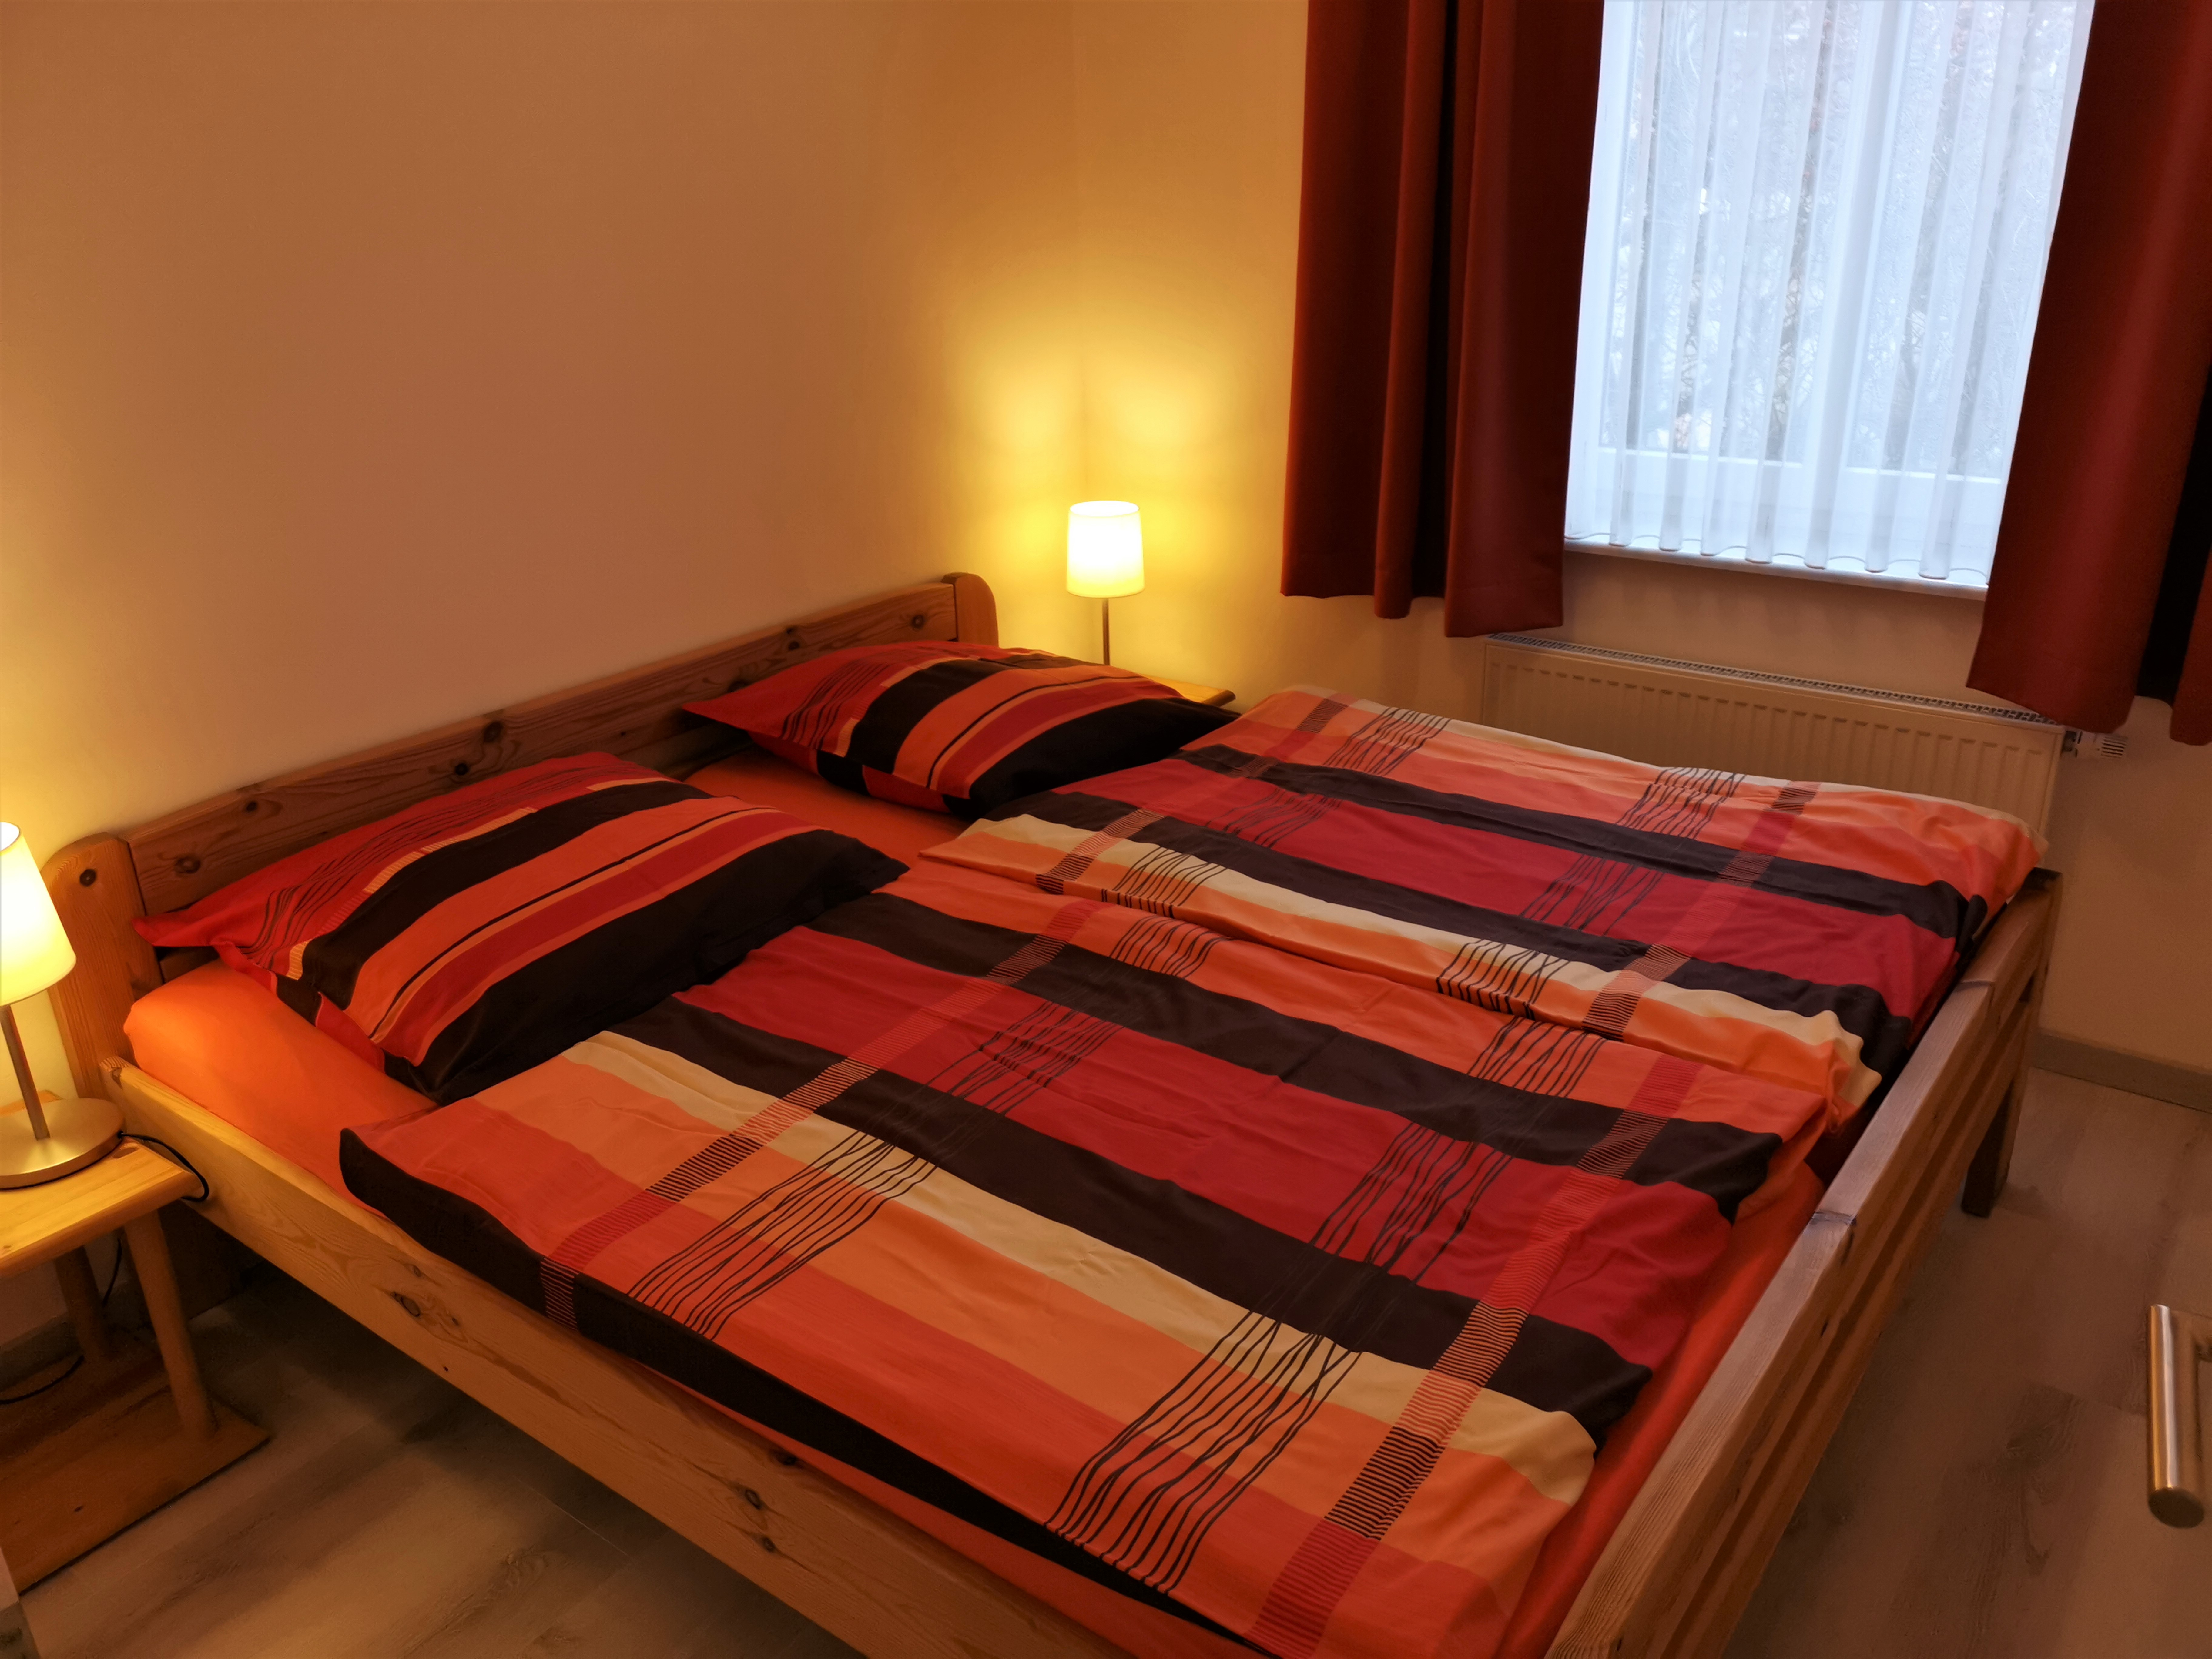 Schlafzimmer der Ferienwohnung Heide von Ferienwohnungen Hass auf Fehmarn